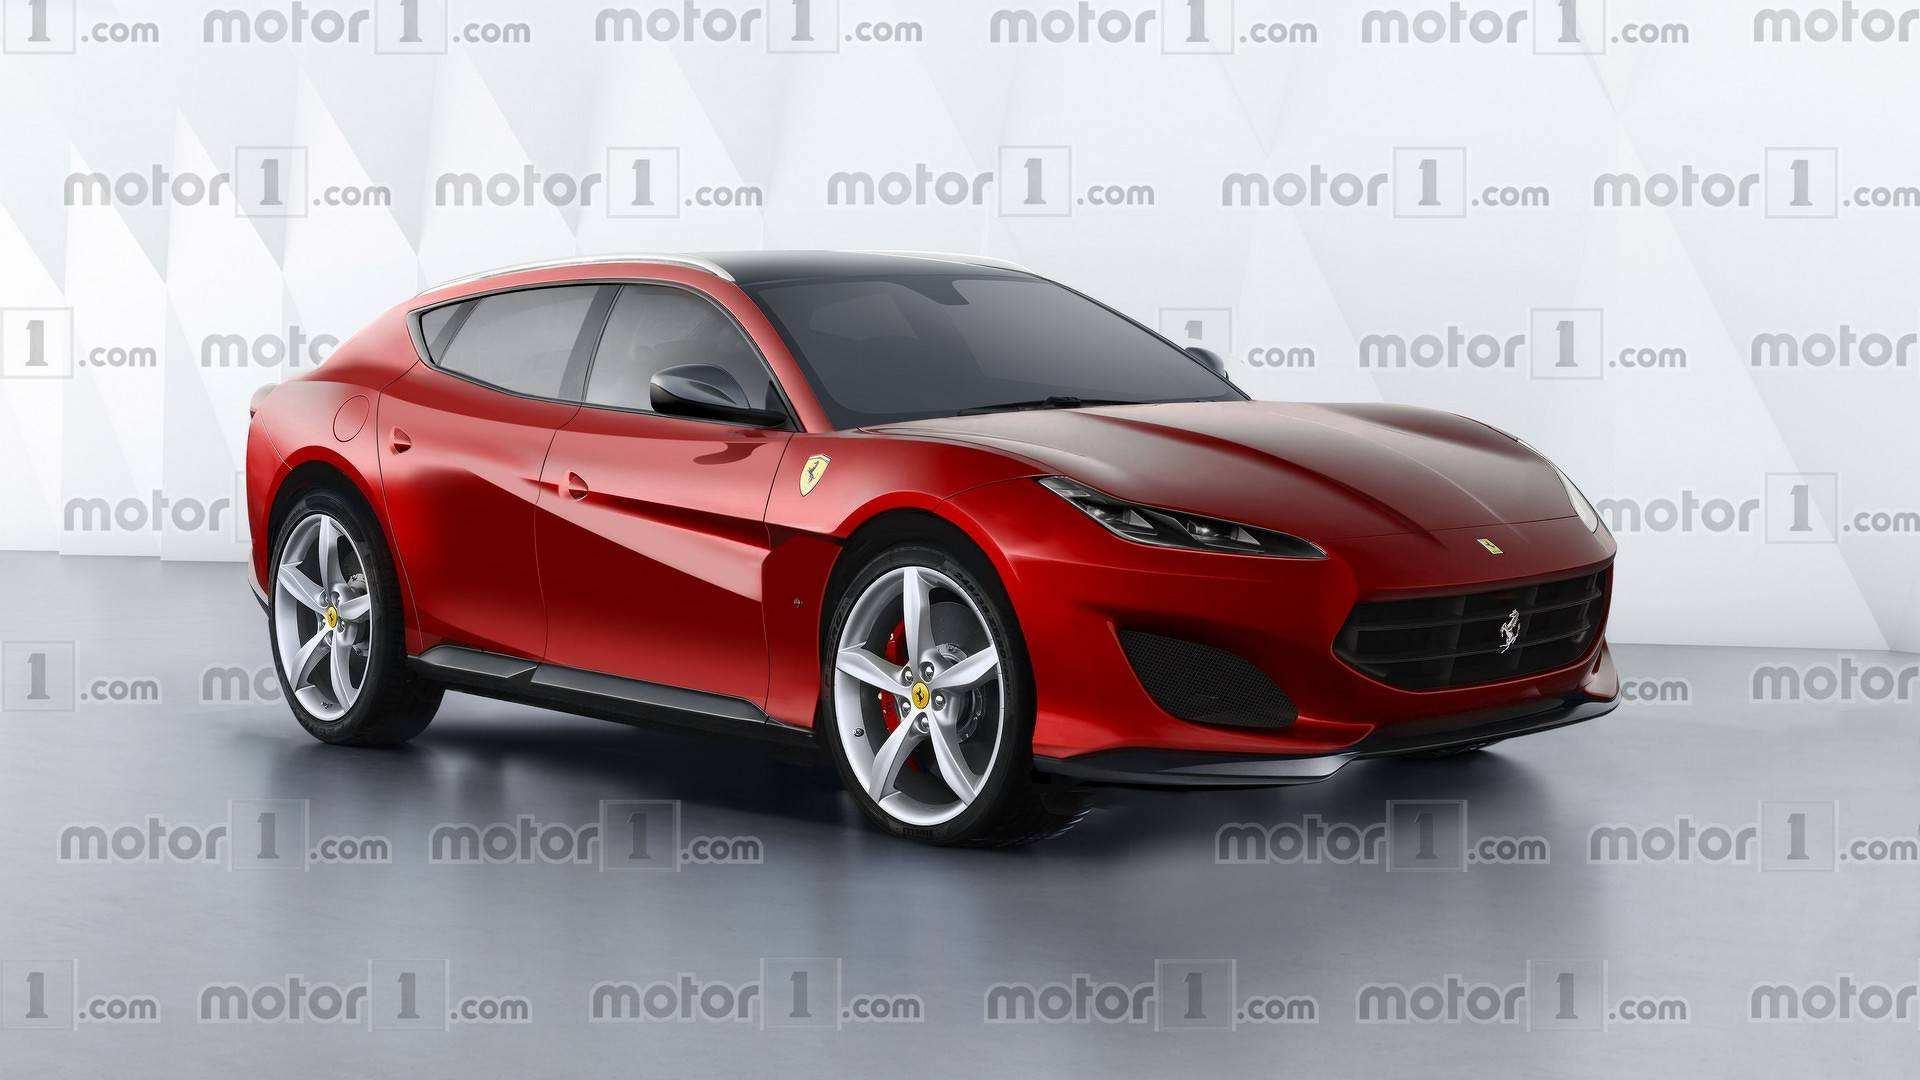 57 Gallery of Ferrari Modelle 2020 Release Date for Ferrari Modelle 2020